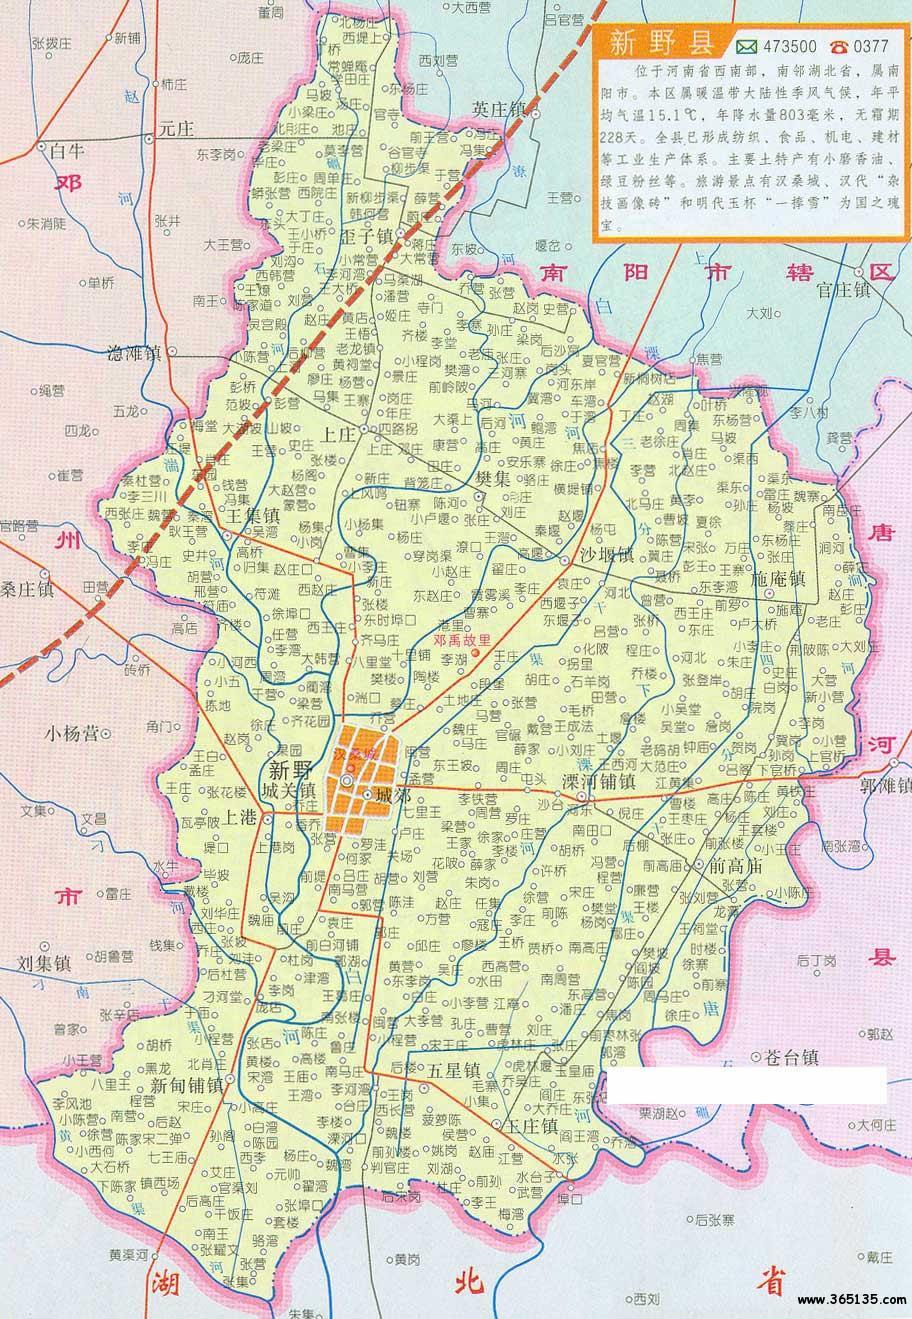 新蔡市_新野县行政区划图 - 中国旅游资讯网365135.COM